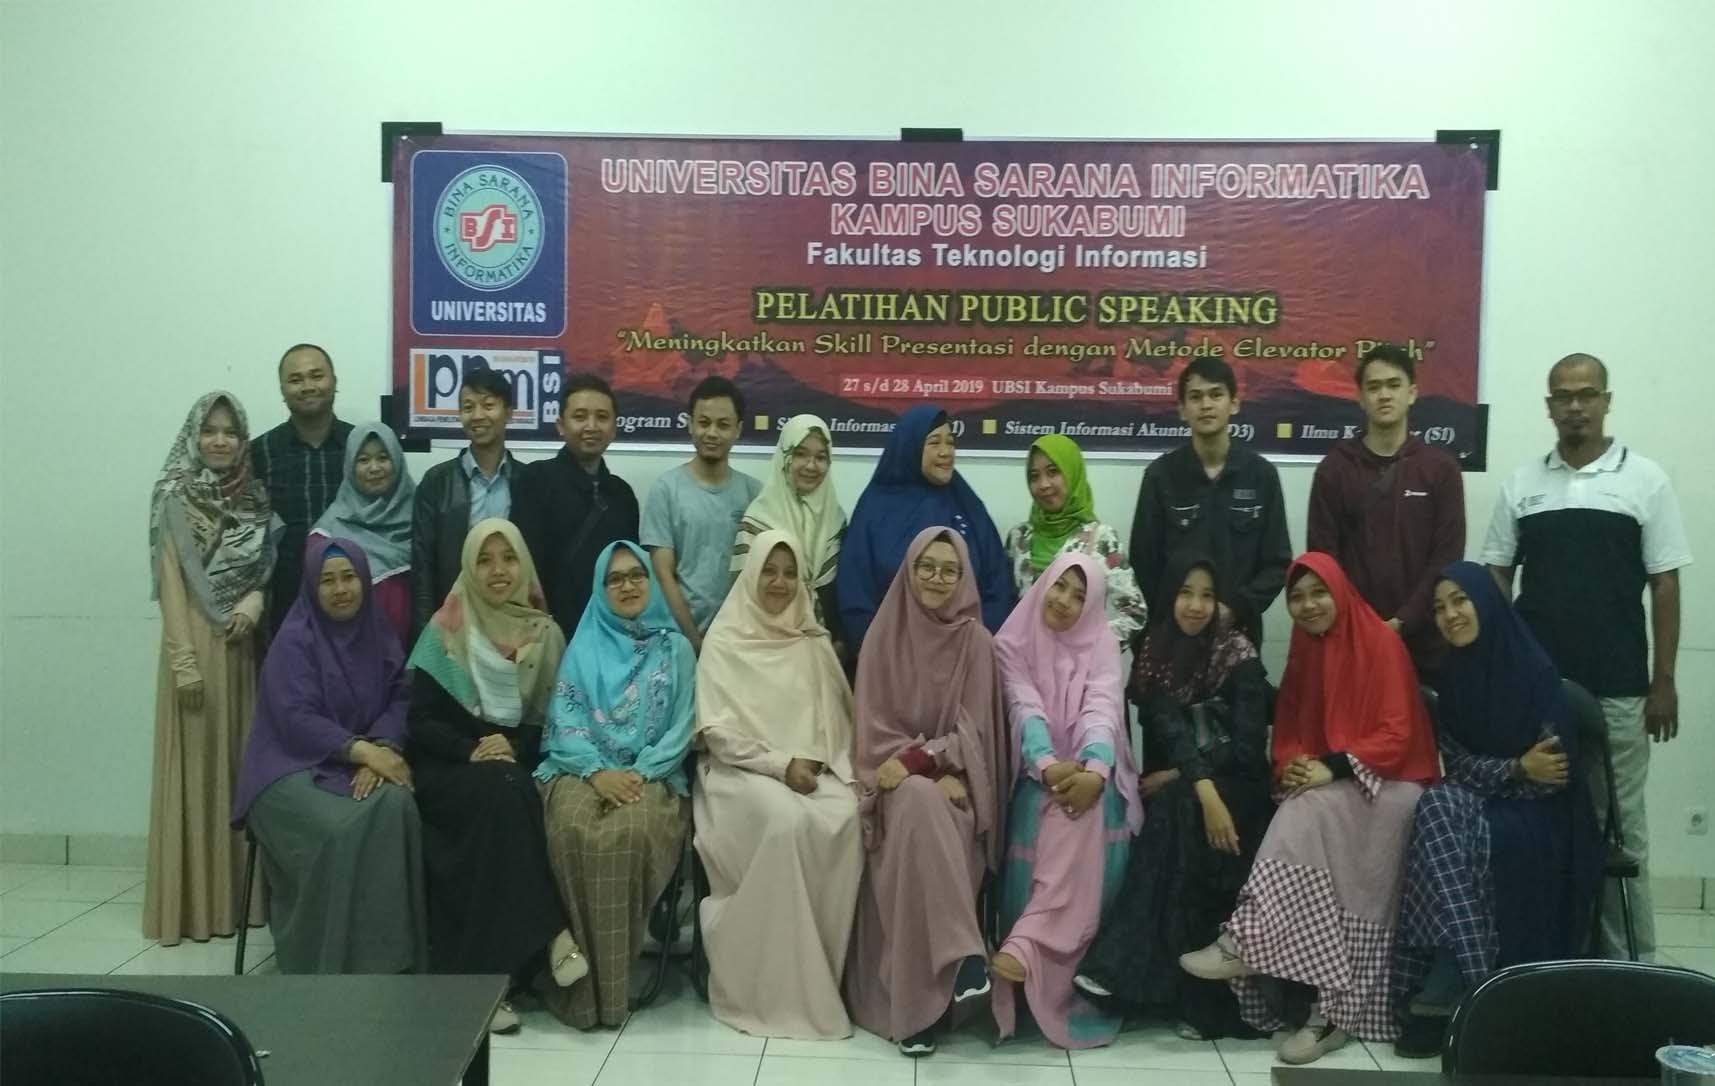 Dosen Universitas Bina Sarana Informatika Latih Public Speaking Yayasan Assukuriyah